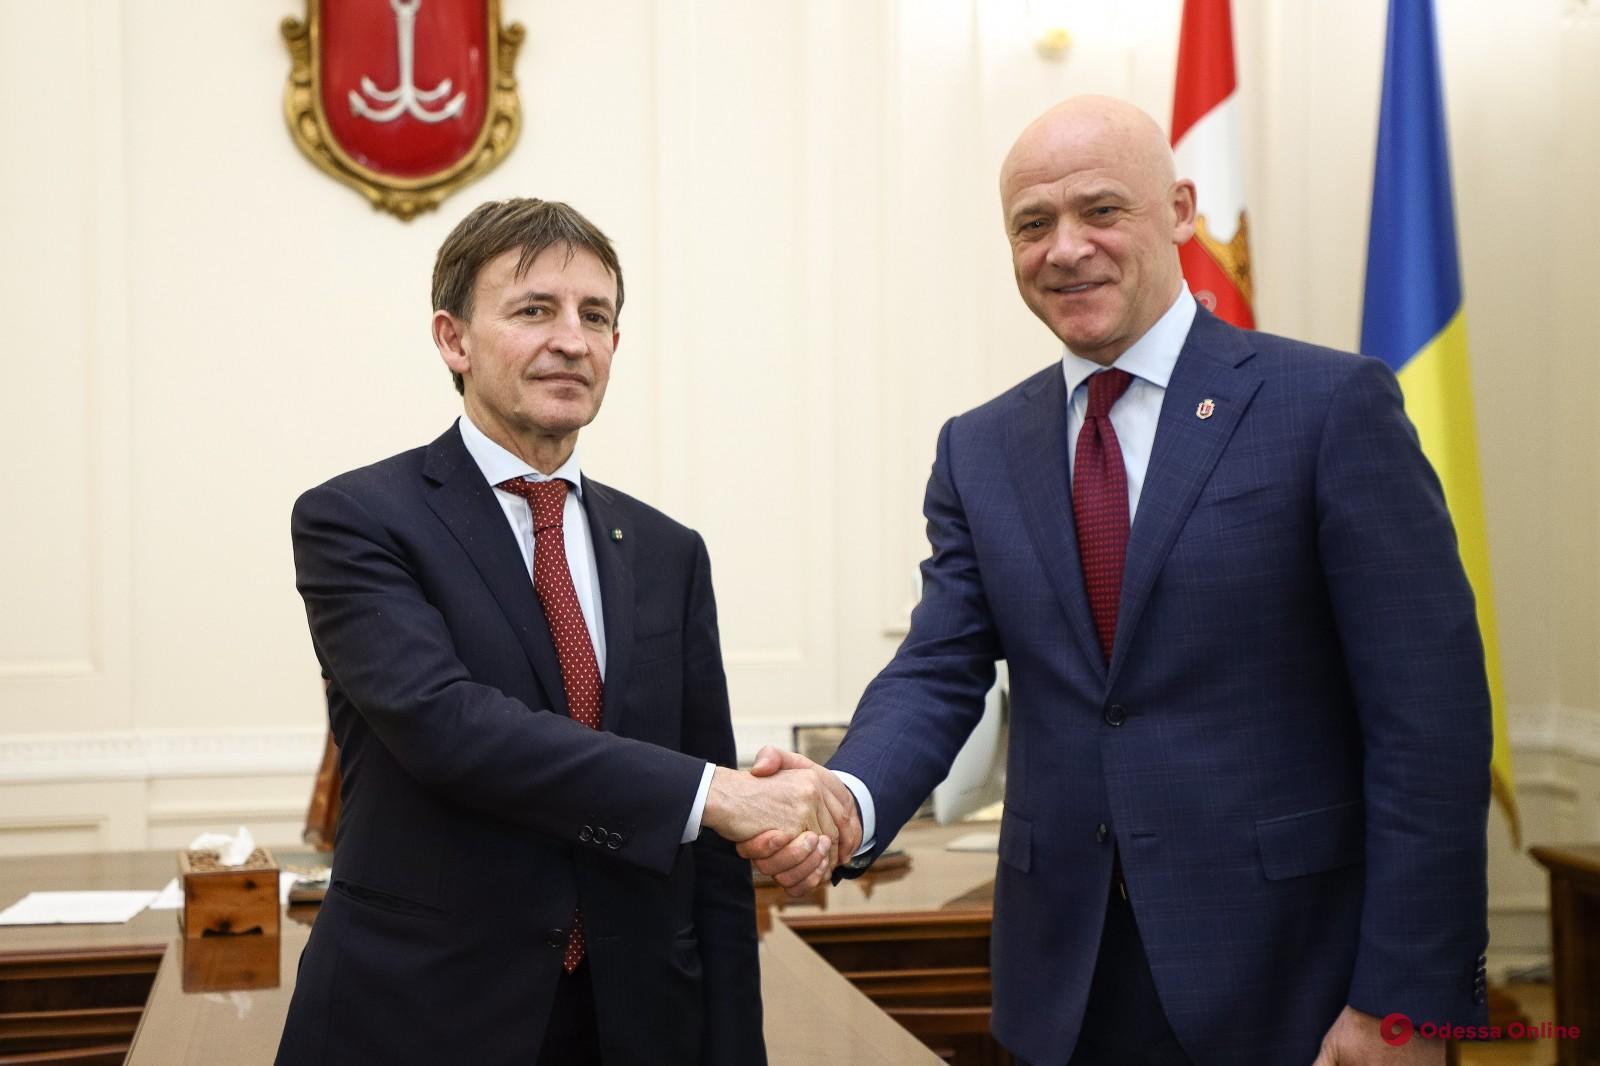 Мэр Одессы Геннадий Труханов встретился с послом Италии в Украине Пьером Франческо Дзадзо